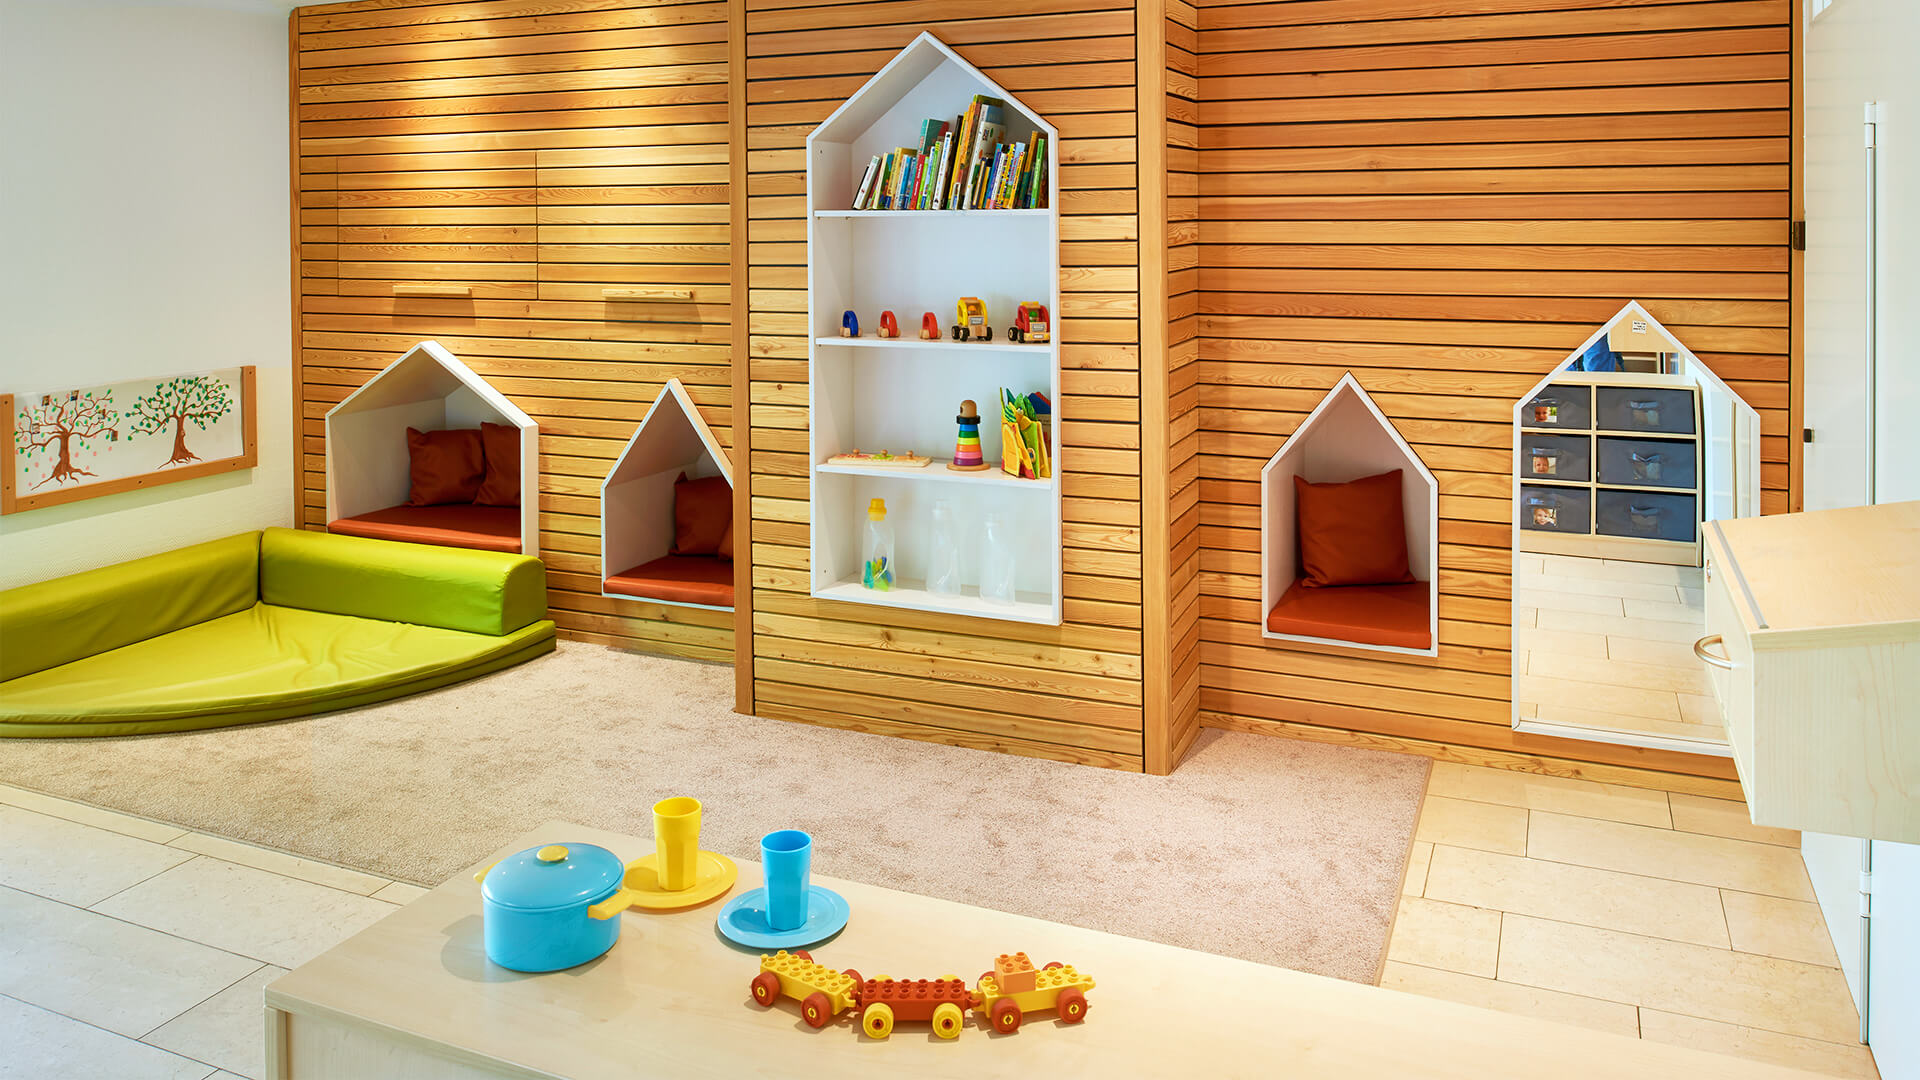 Kreativer Innenraum der Kita in Essen Bredeney - Mit Lese-Ecken für Bilderbücher, Lego Duplo und Spielzeug